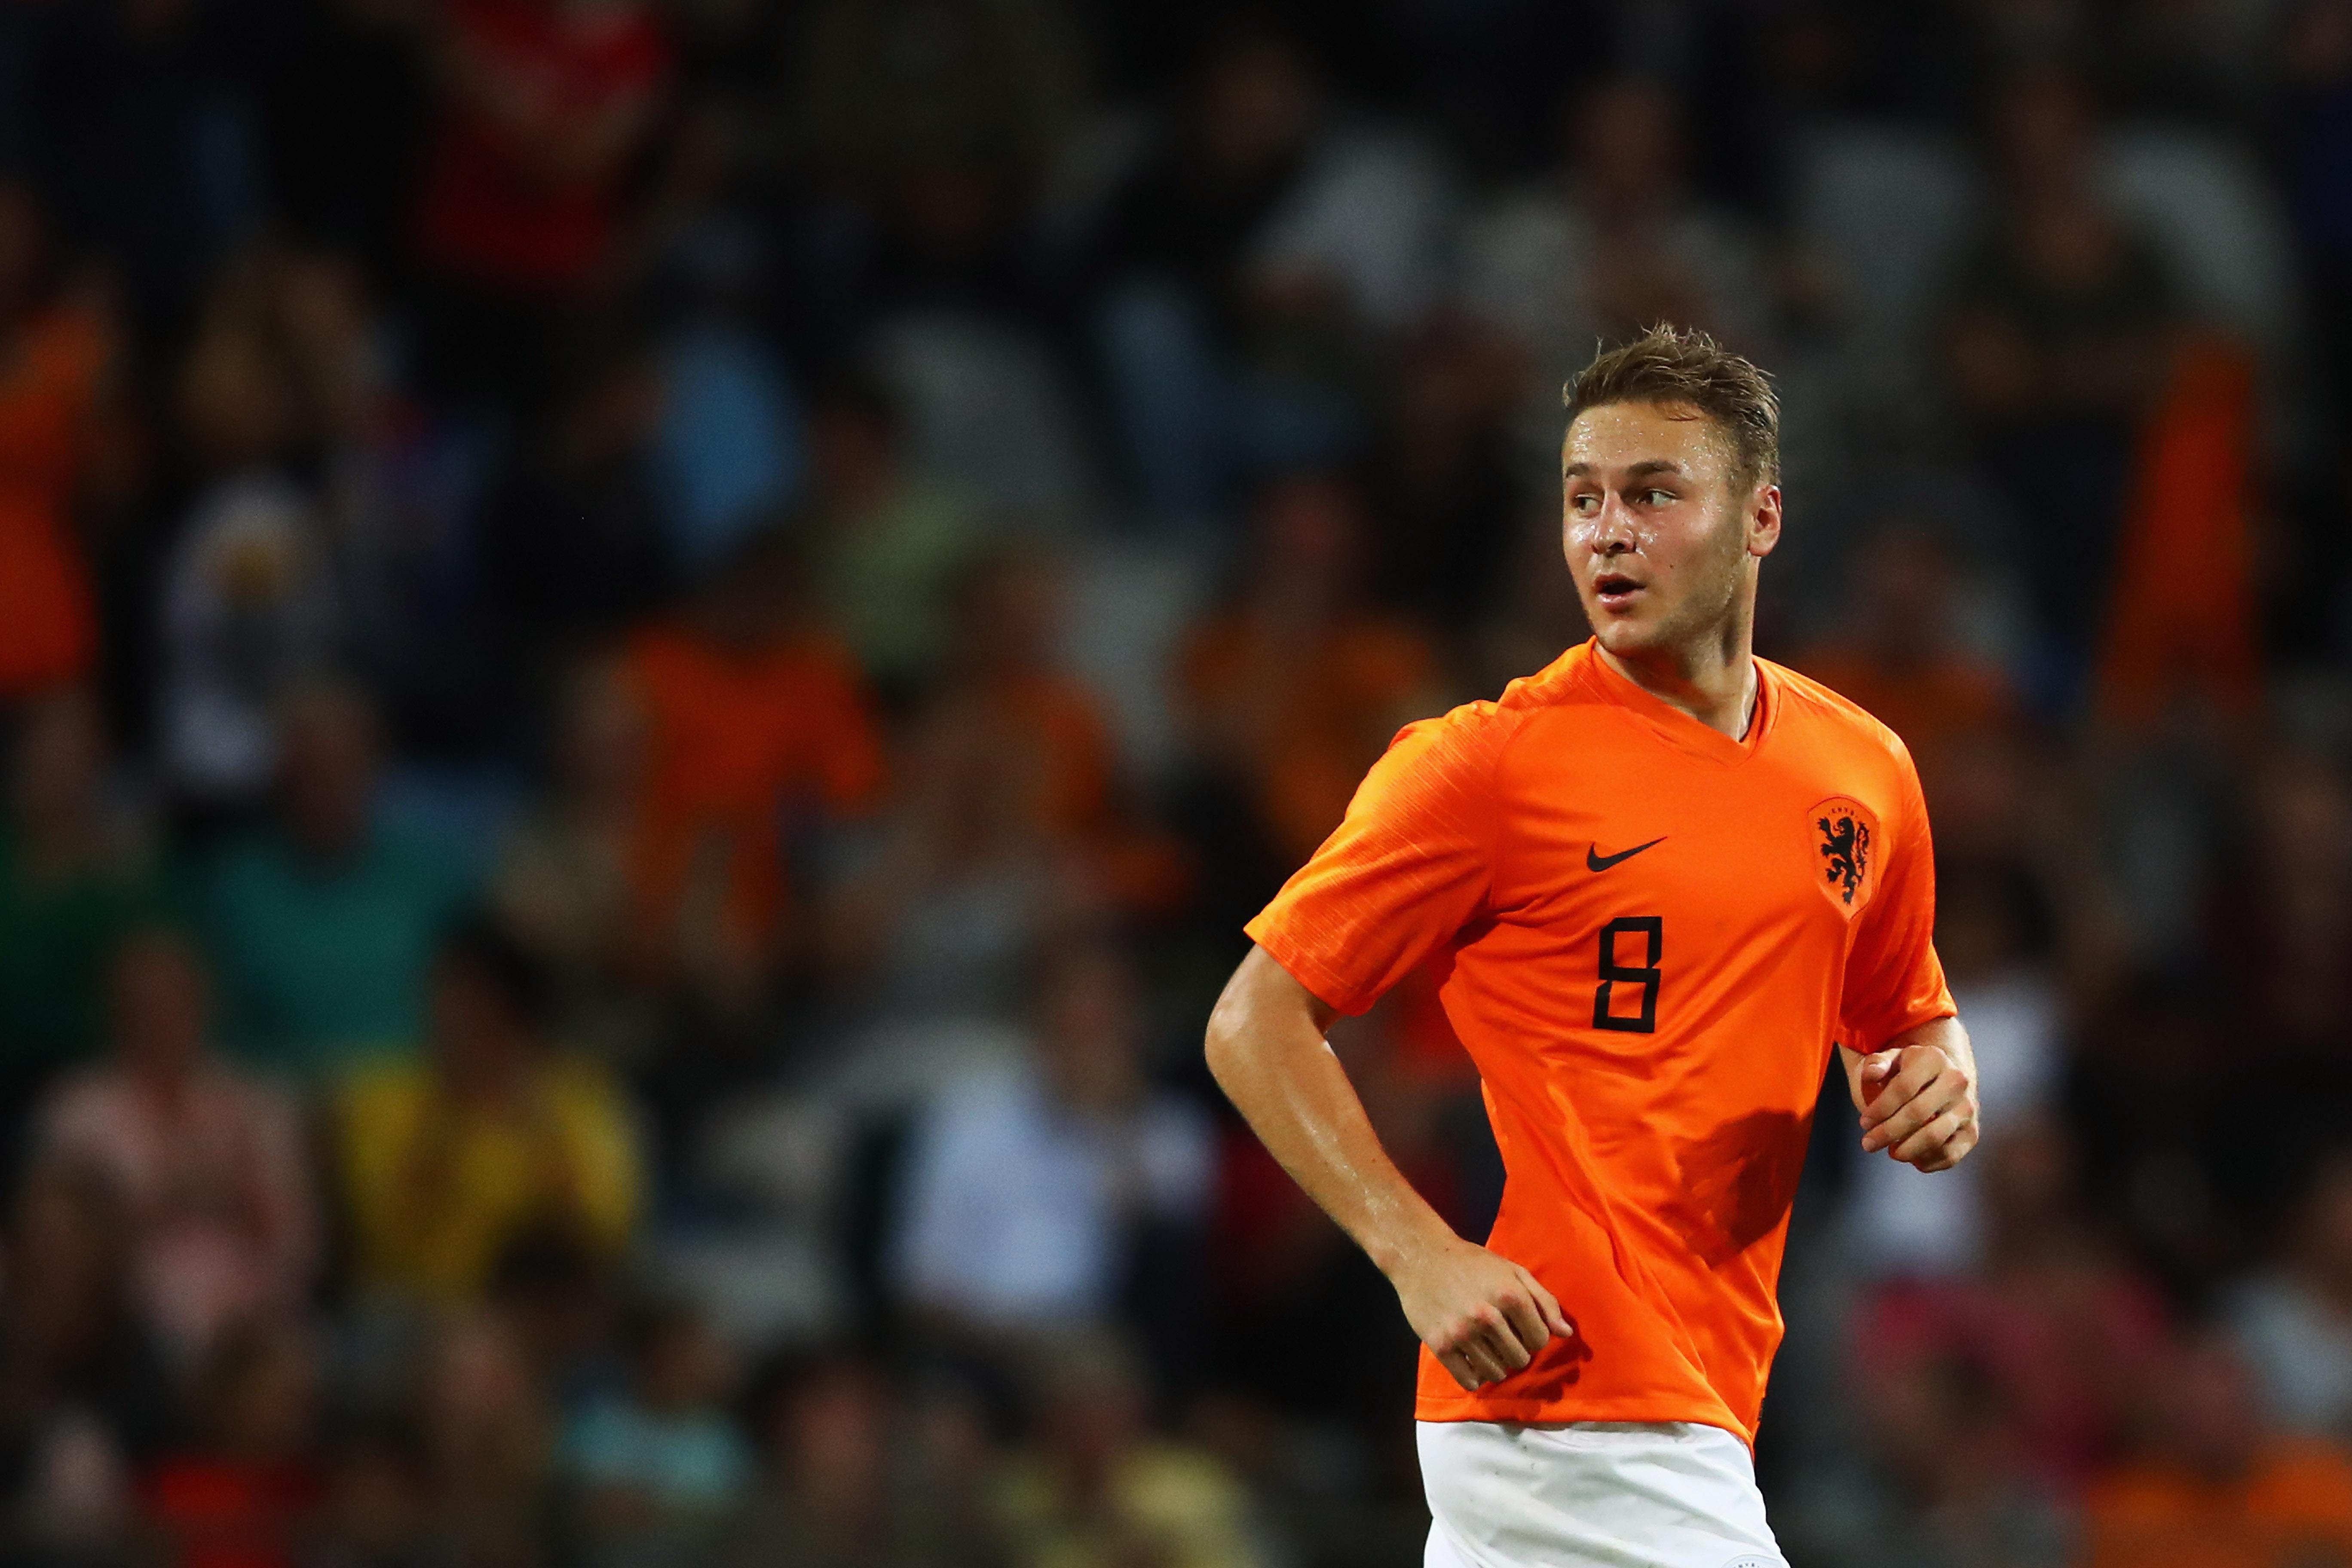 <p><strong>Теун Копмейнерс</strong><br /> Държава: Холандия<br /> Години: 23<br /> Позиция: полузащитник<br /> Отбор: АЗ Алкмар<br /> С над 100 мача във Висшата дивизия на Холандия, Копмейнер е един от най-опитните играчи в Младежкия национален отбор по футбол. В 27 мача от лигата той е вкарал 15 гола и е записал 5 асистенции. В началото на сезона Копмейнерс е все по-спряган с трансфер във Висшата лига или Лига 1, а след участието му в Европейското първенство това изглежда напълно възможно развитие на кариерата му.&nbsp;</p>